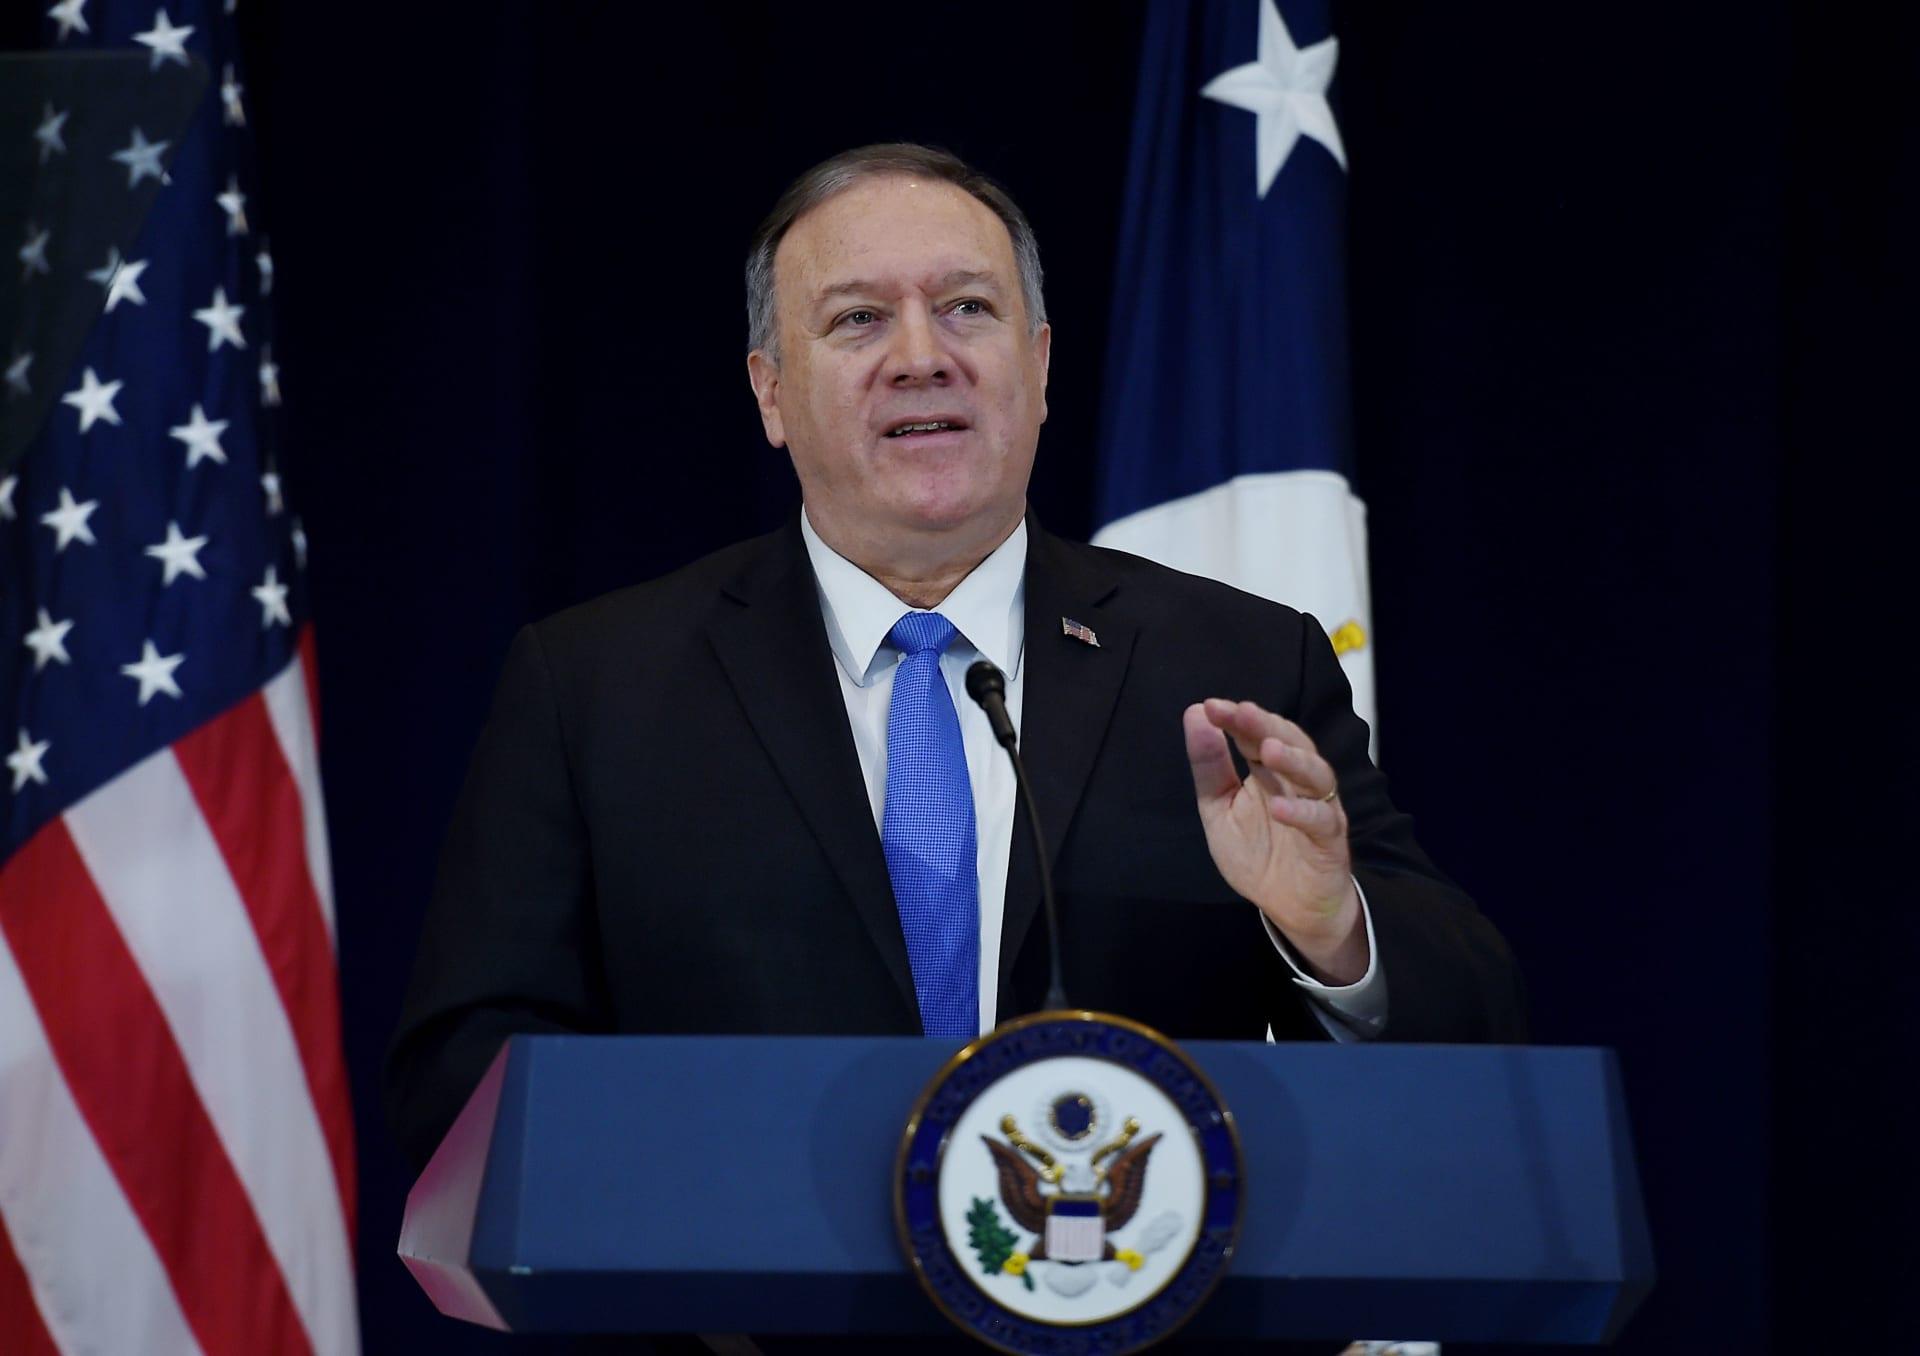 بومبيو يأمر السفارات الأمريكية بعدم لقاء جماعات المعارضة الإيرانية